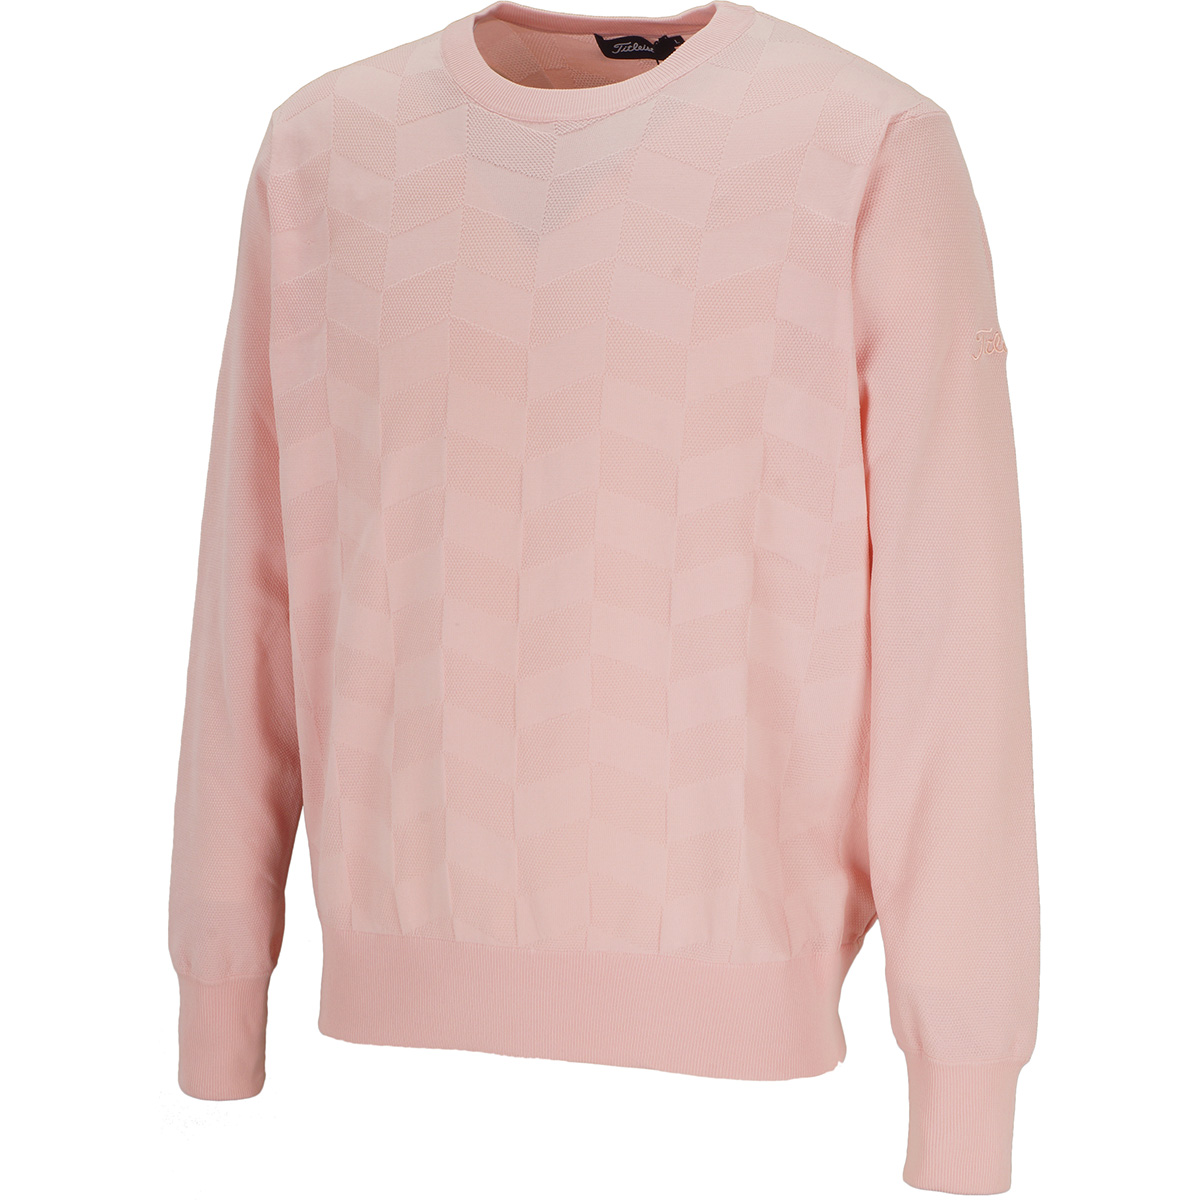 ヘリンボーン クルーネックセーター